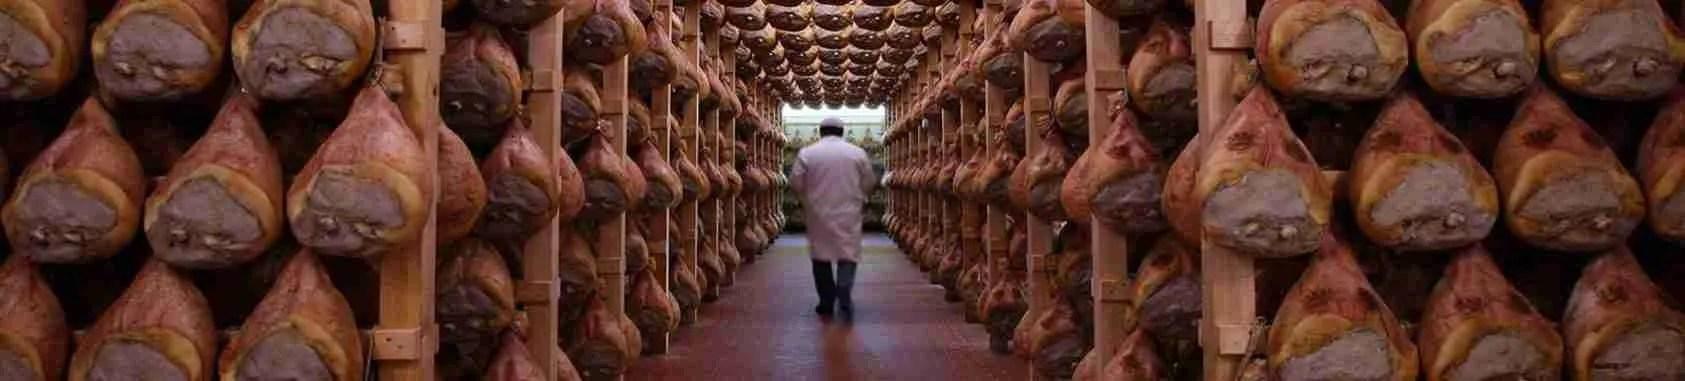 Le escort Parma adorano degustare il prosciutto crudo di Parma sorseggiando dell'ottimo vino in compagnia di uomini brillanti. Magica Escort